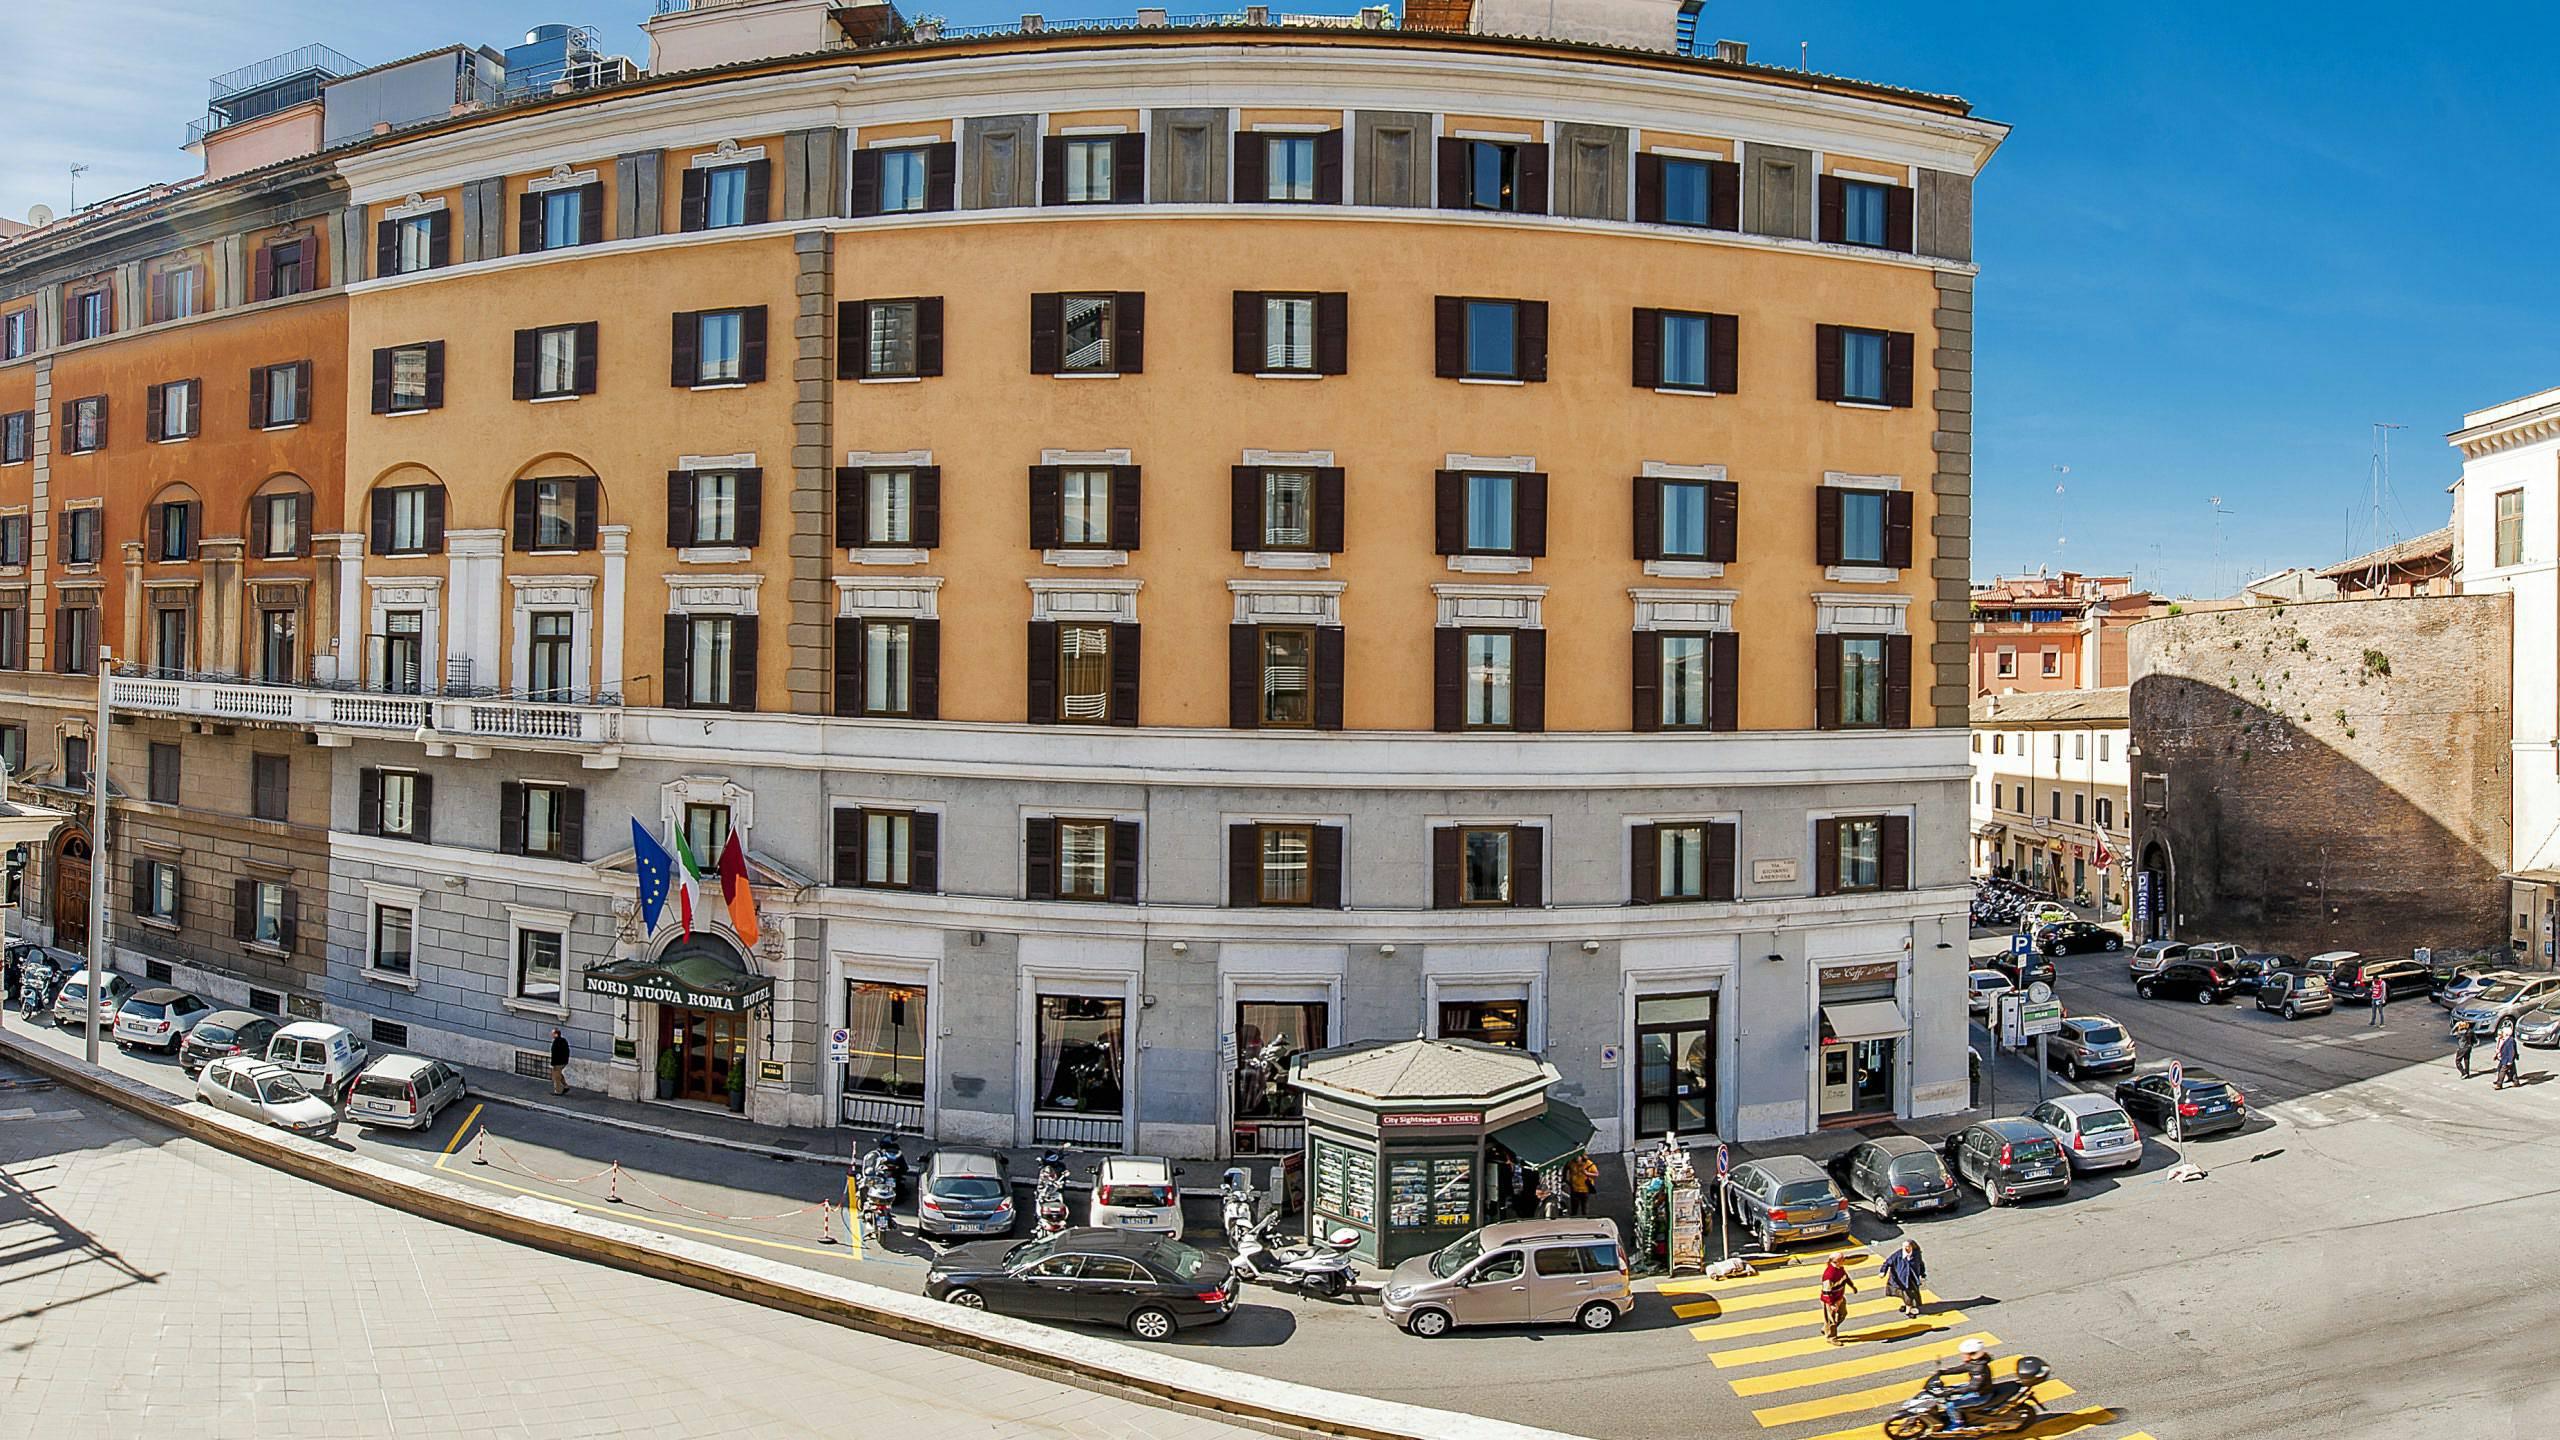 Albergo nord nuova roma sito ufficiale home for Indirizzo camera dei deputati roma